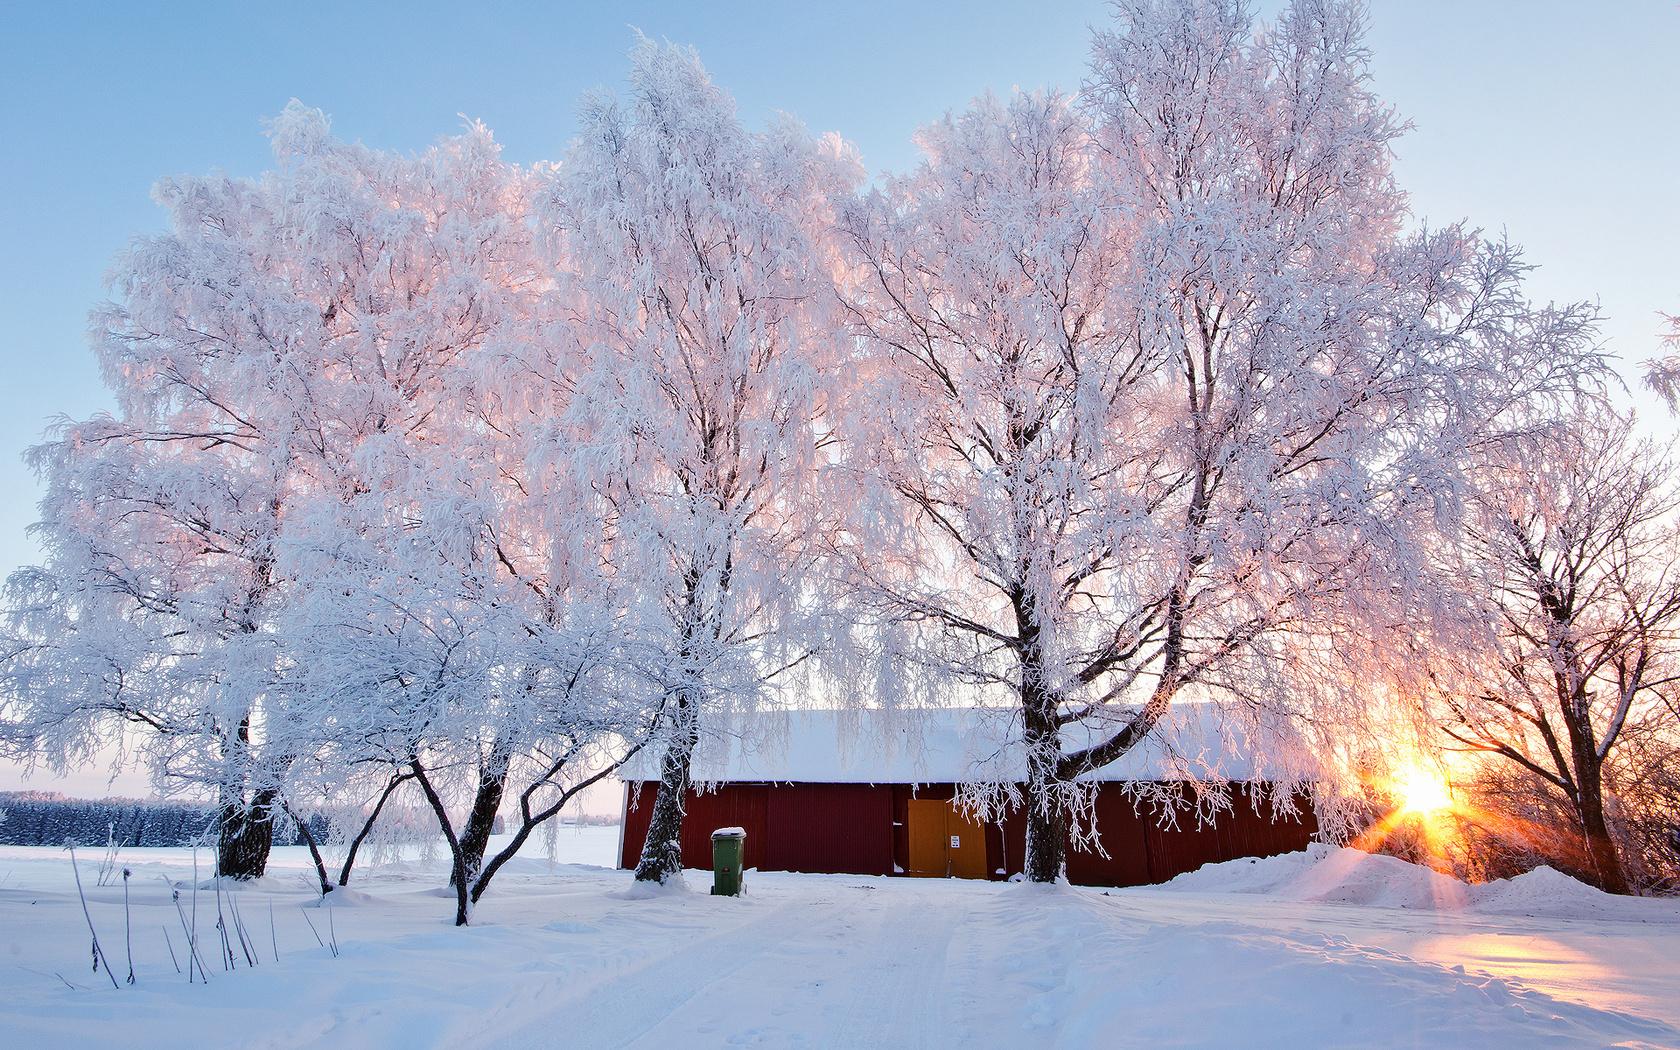 картинки зимняя пора что после